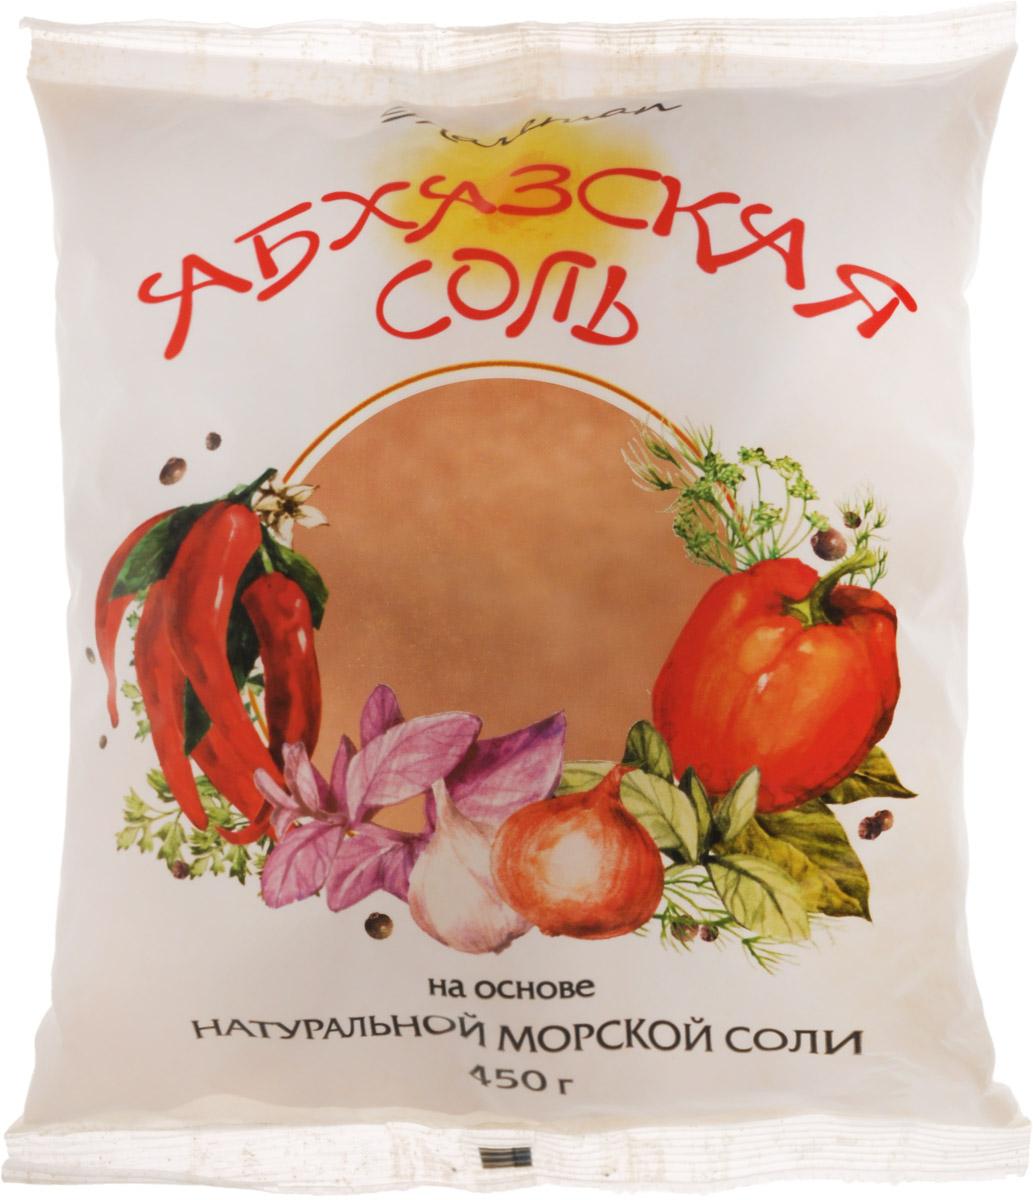 Mareman соль Абхазская, 450 г4607012294265Аджика в переводе с абхазского означает соль, сами же абхазы называют эту приправу апырпыл-джика (перечная соль) или аджиктцатца), то есть соль, перетертая с чем-то.Ее появление связывают с абхазскими чабанами, когда весной угонялись отары в горы, хозяева выдавали чабанам соль для добавки в питание только лишь овцам. После приема пищи с солью овцы, томимые жаждой, ели травы намного больше и быстрее набирали в весе.В те давние времена соль была дорогим товаром, и хозяева отар специально подмешивали в нее красный жгучий перец, чтобы чабаны не присыпали ей свою еду.После чего соль теряла свой первоначальный вид, однако это не помешало чабанам использовать ее в качестве ароматной приправы, добавив чеснок, кинзу, хмели-сунели и прочие пряности.Традиционная аджика, приготовленная по старинным рецептам, с добавлением натуральной морской соли подарила нашему столу абхазскую соль.Уважаемые клиенты! Обращаем ваше внимание, что полный перечень состава продукта представлен на дополнительном изображении. Рекомендуем!